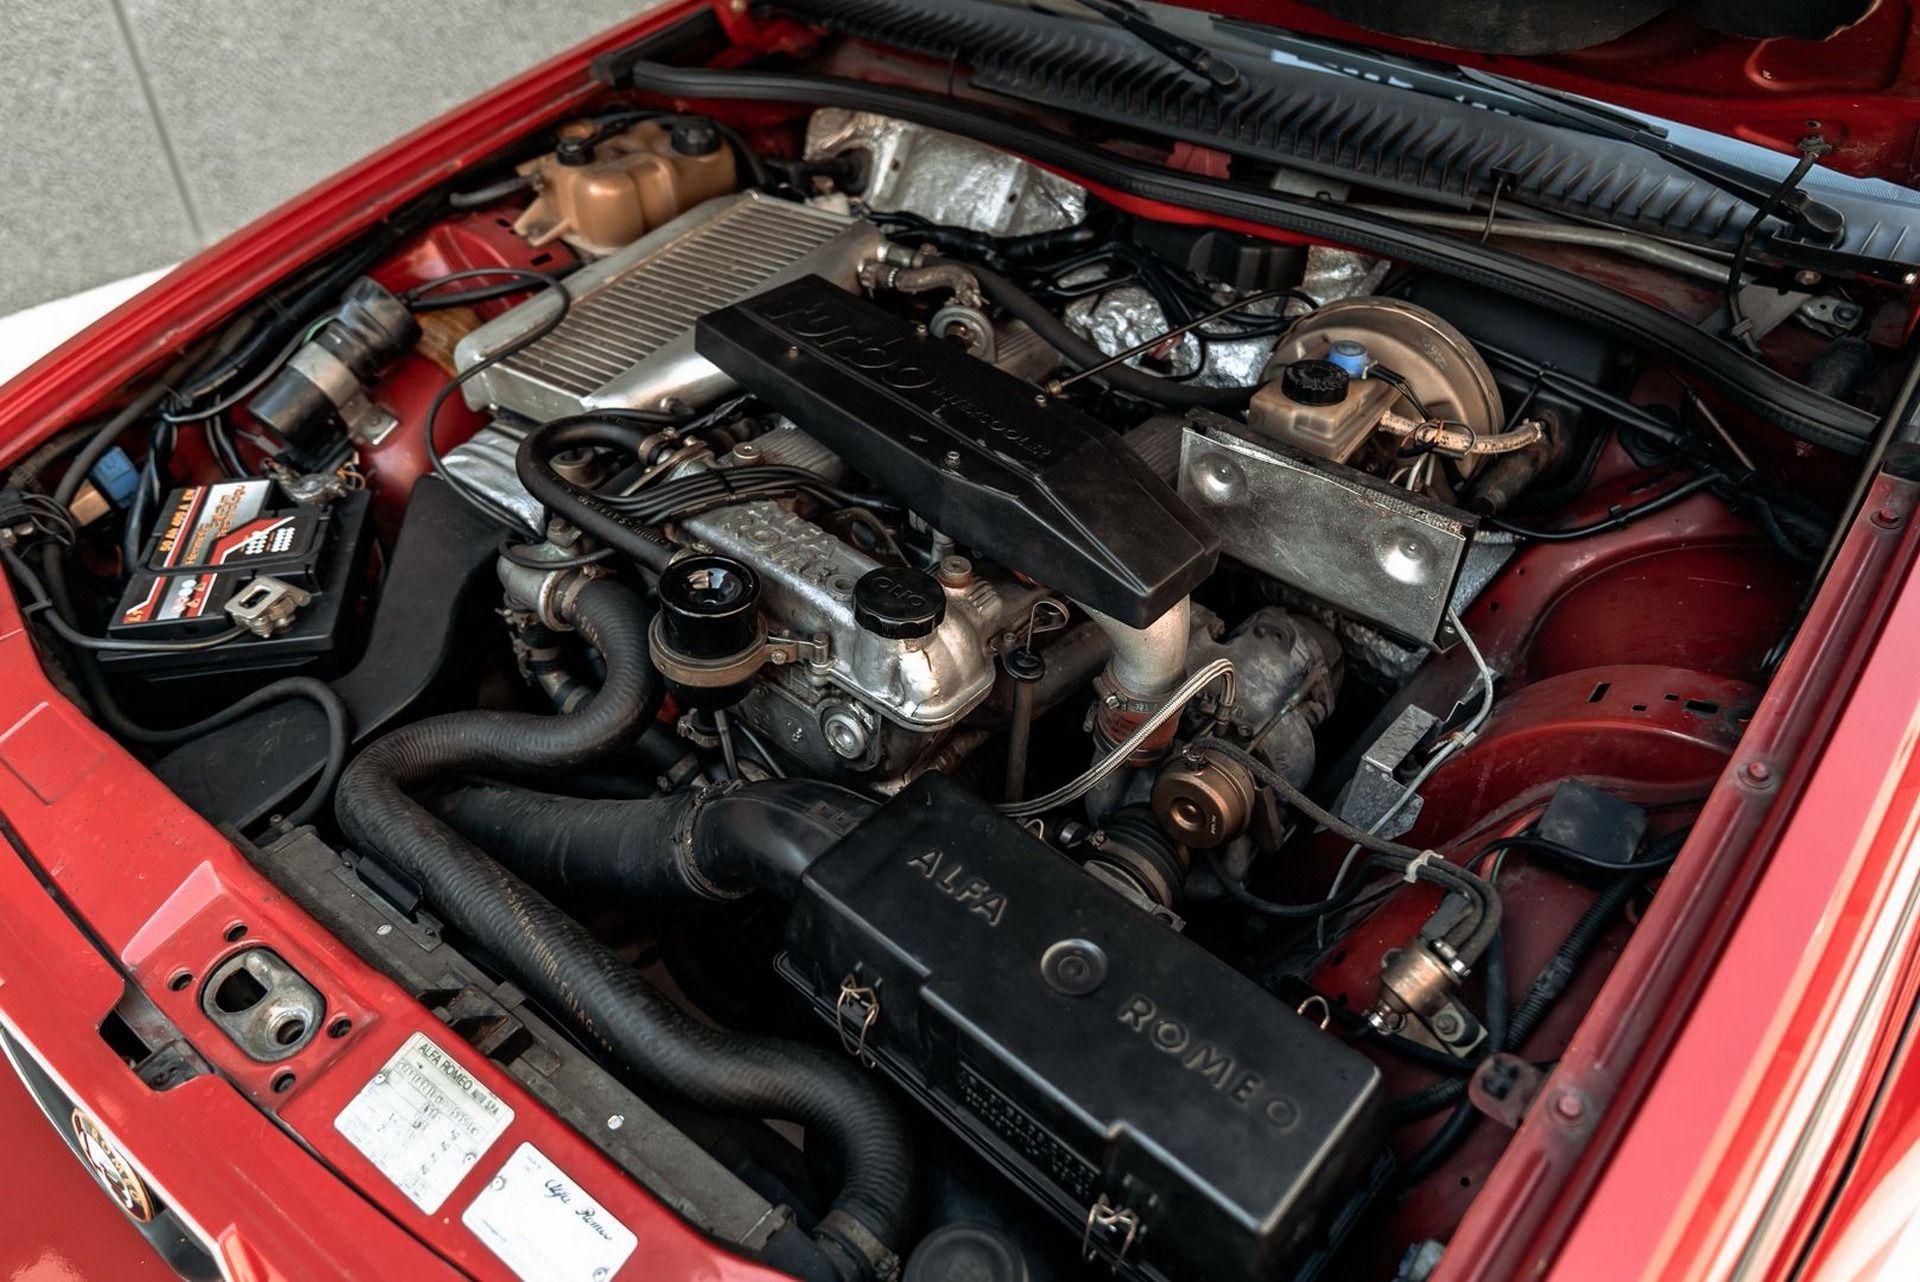 1987_Alfa_Romeo_75_Turbo_Evoluzione_sale-0003